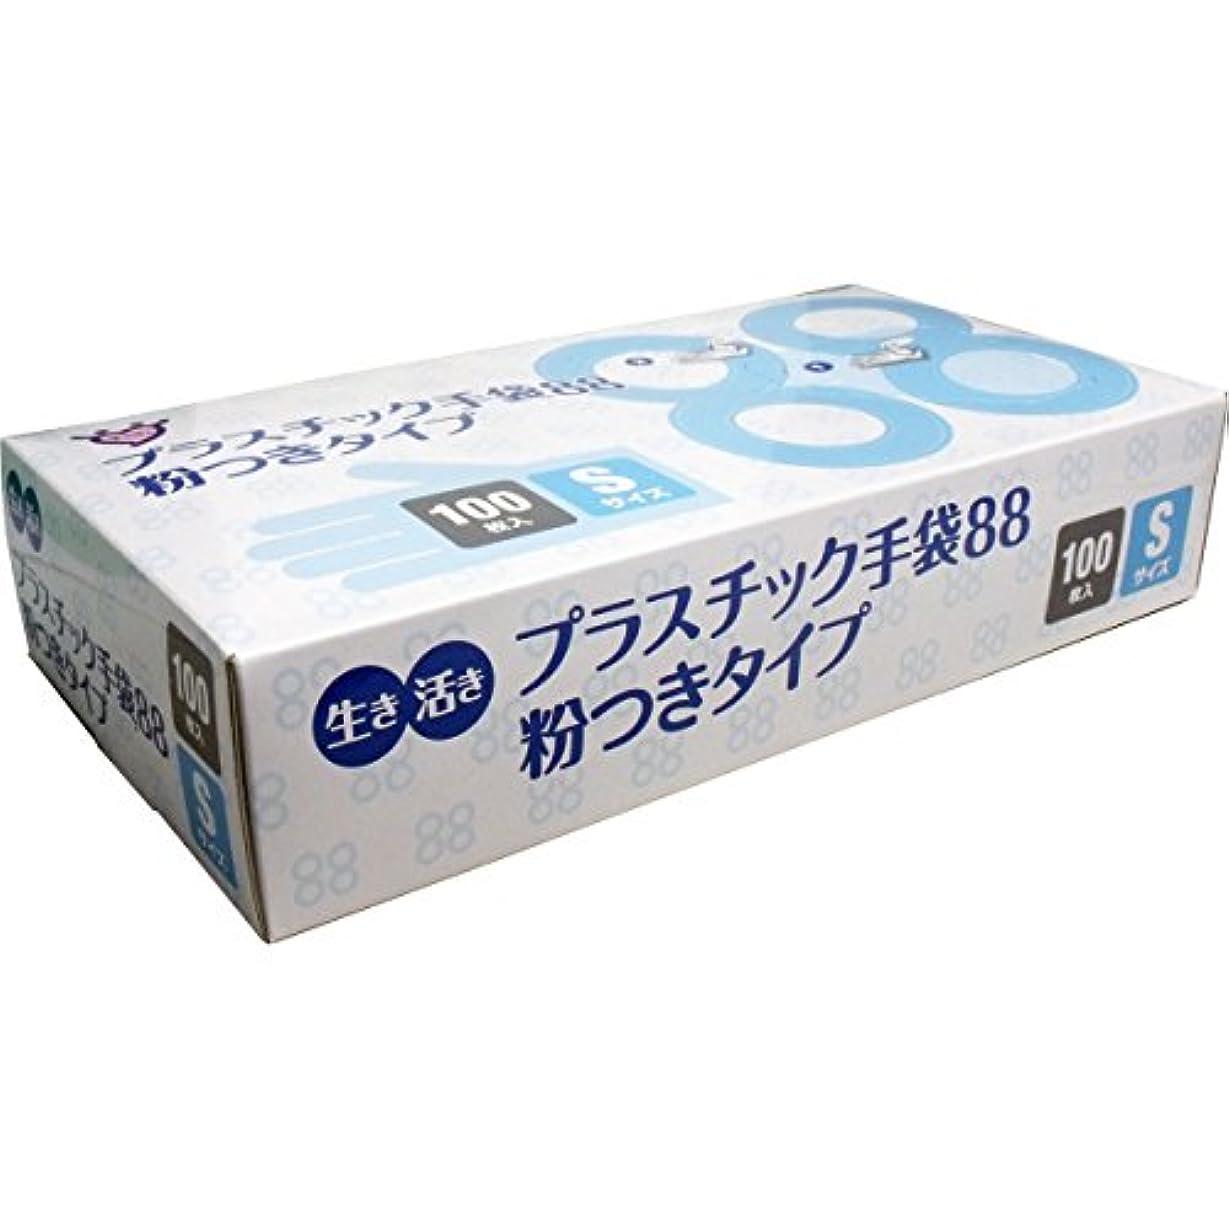 増幅に慣れエージェントプラスチック手袋88 ディスポタイプ Sサイズ 100枚入